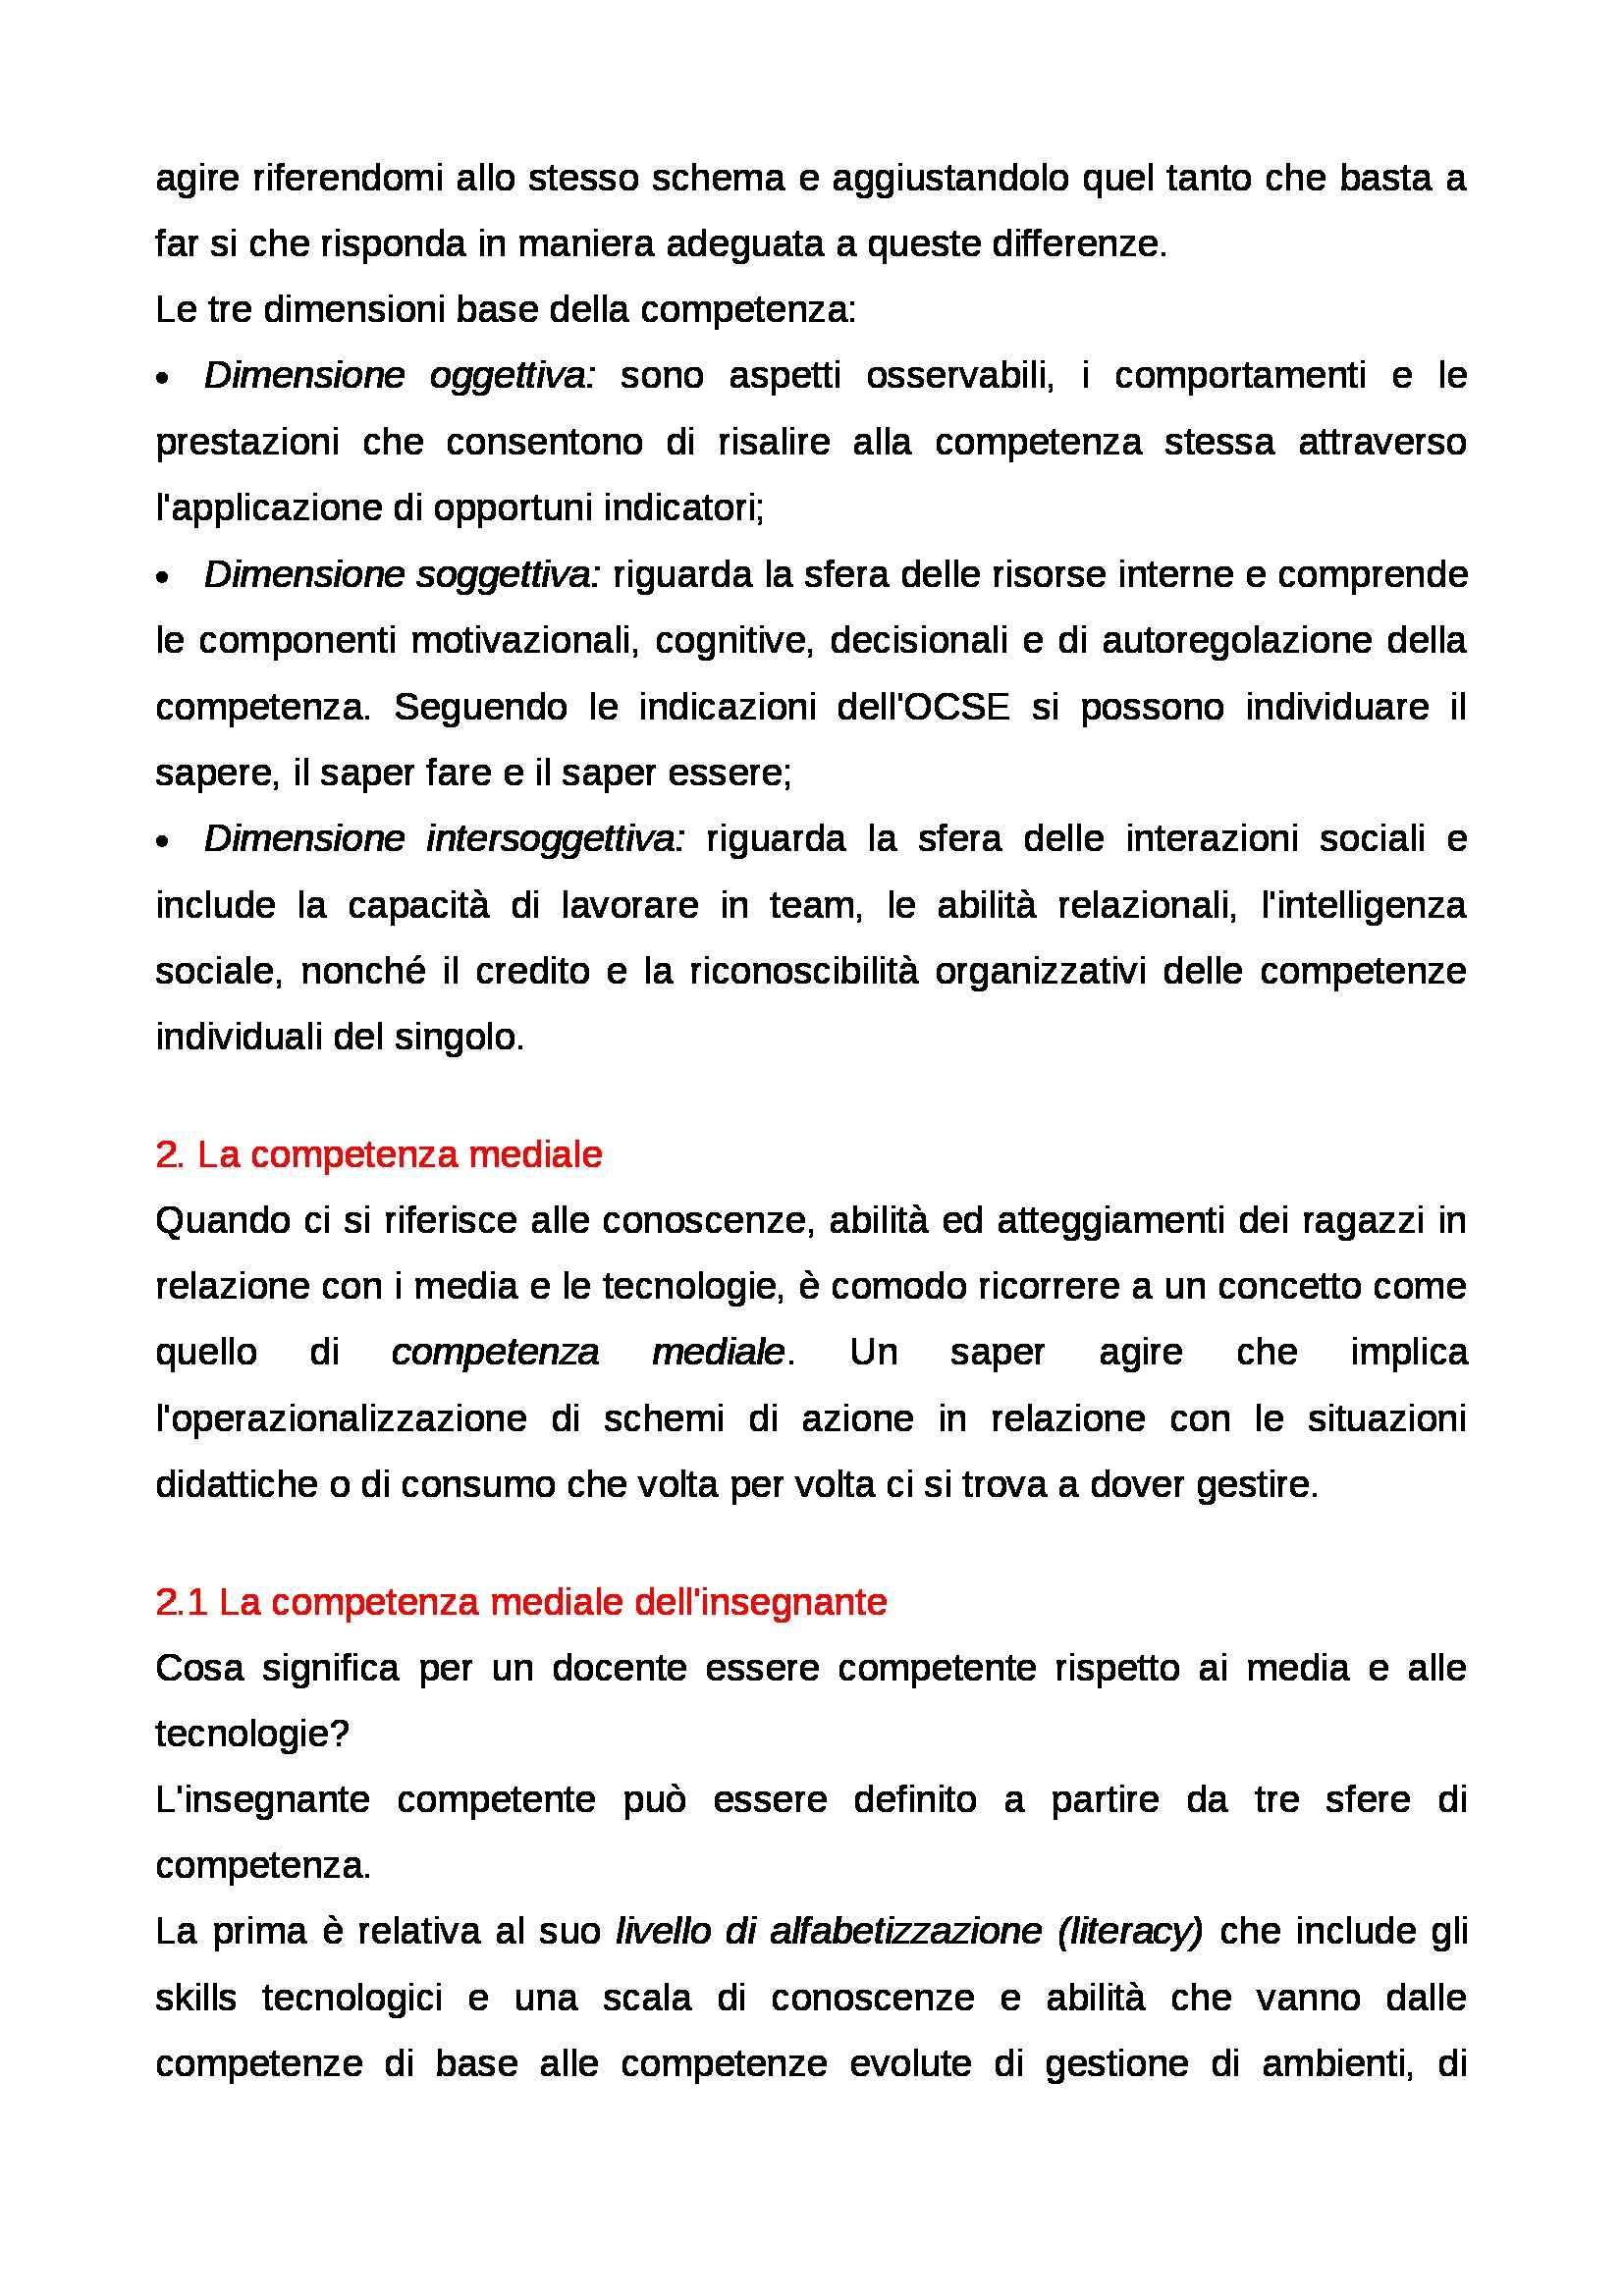 Riassunto esame Educazione mediale, prof. Faiella, libro consigliato Media e tecnologie per la didattica, Ardizzone, Rivoltella Pag. 36